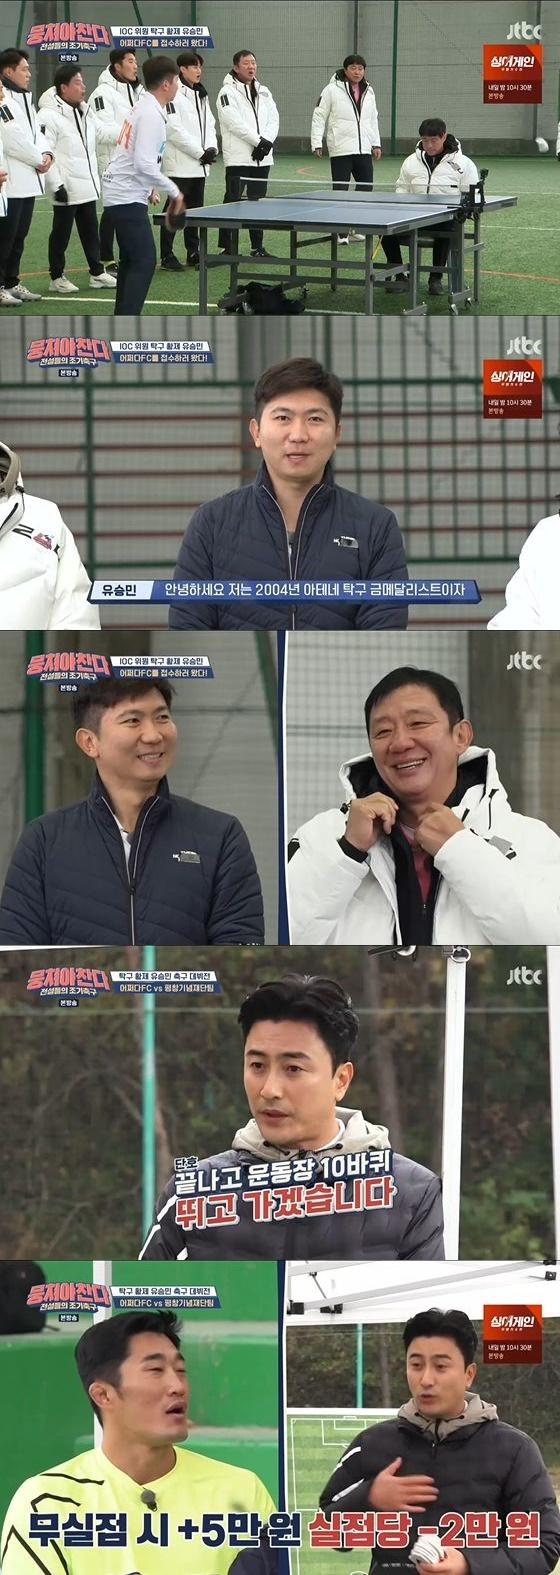 /사진= JTBC '뭉쳐야 찬다' 방송화면 캡쳐